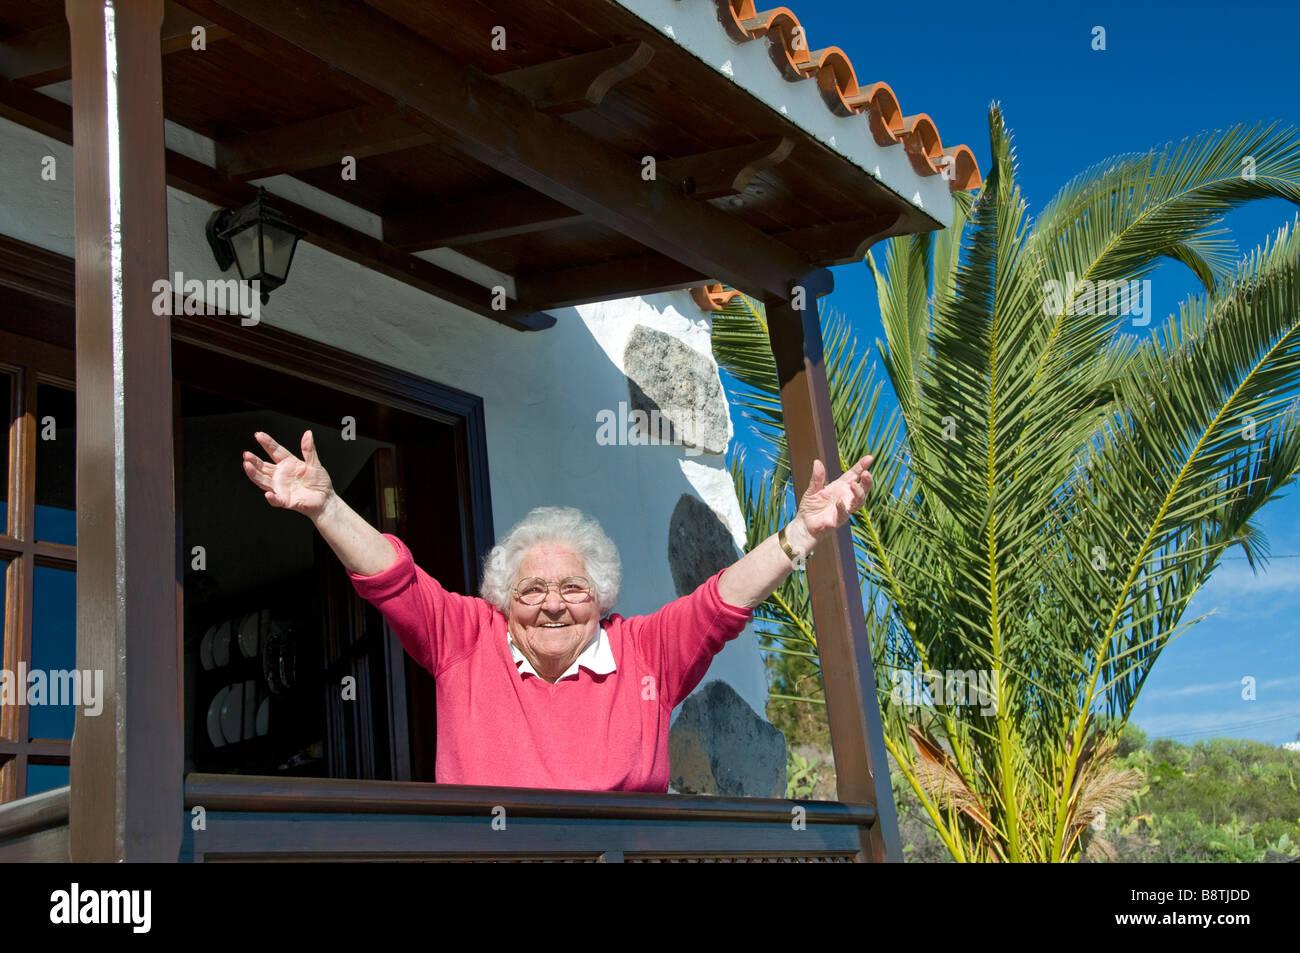 Felice signora anziana con vitalità si allunga le braccia godendo di una vacanza per la sua vacanza soleggiata Immagini Stock